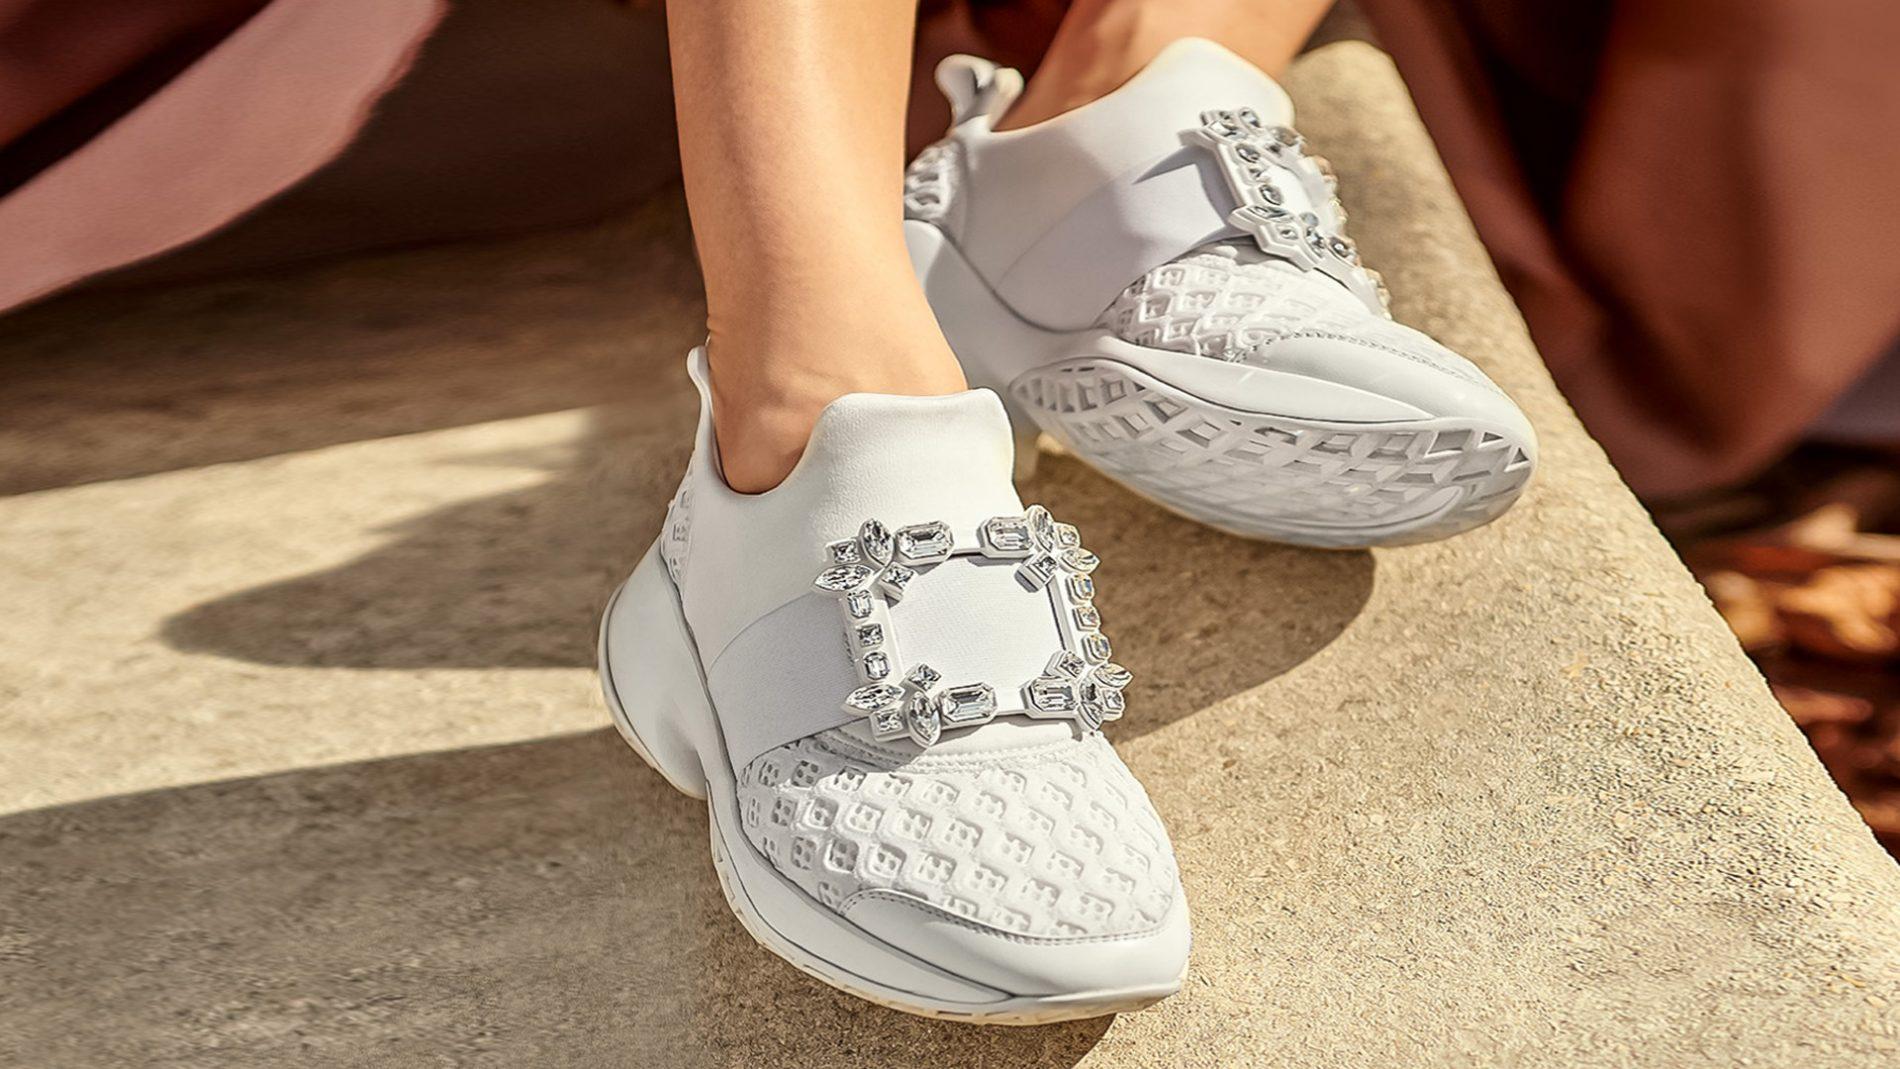 El Corte Inglés Diseñador Zapatos Roger Vivier Blanco Sneakers